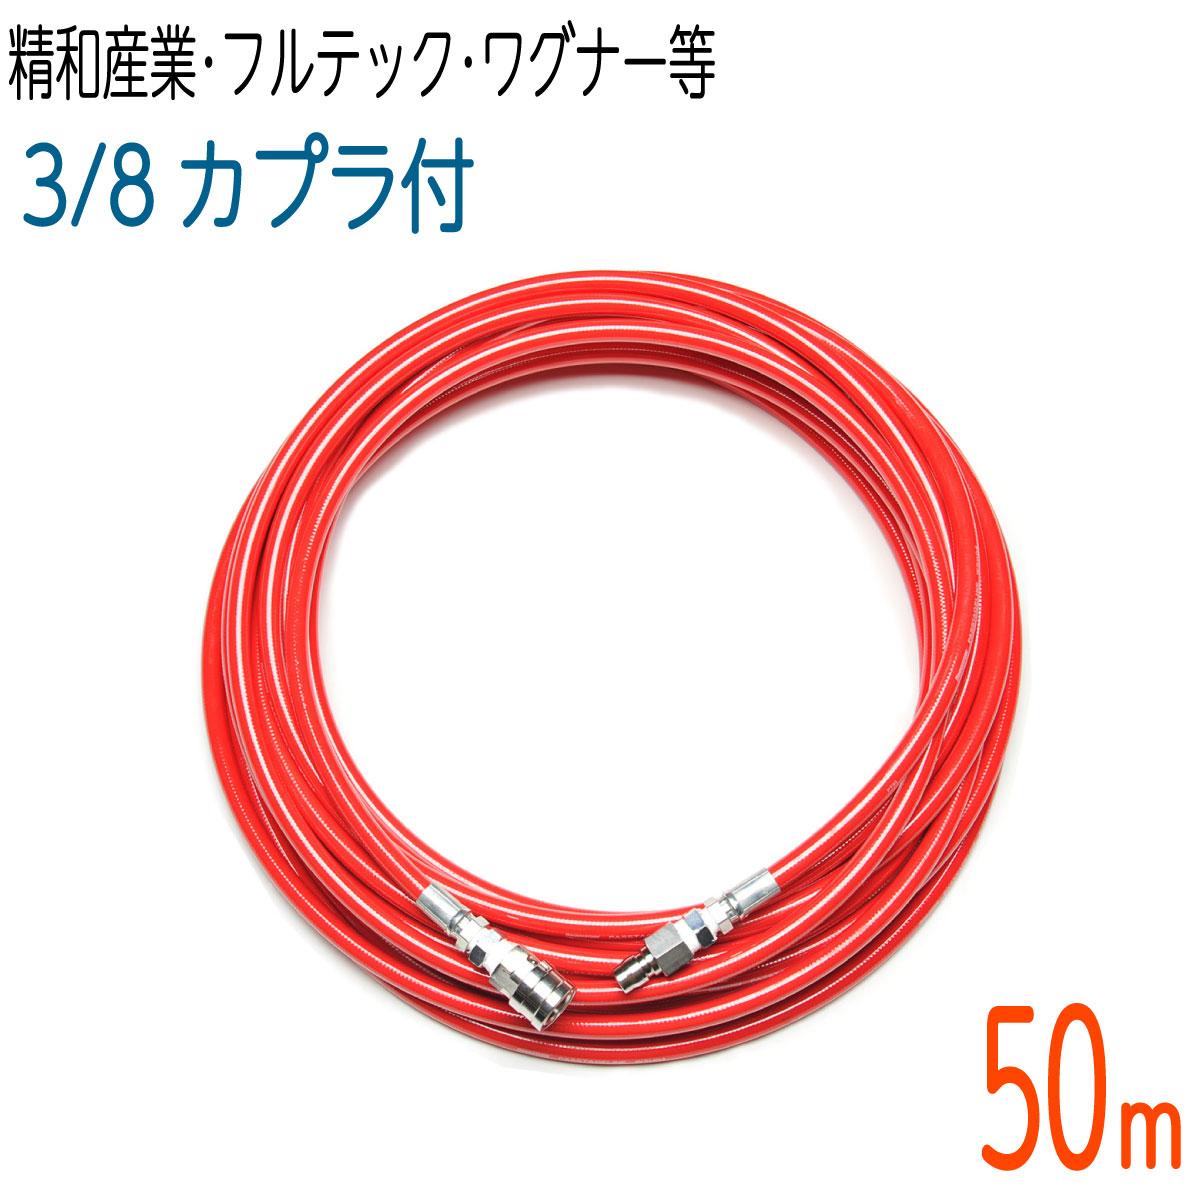 新品 50M 5☆大好評 室内用3分ホース 3分カプラ付き